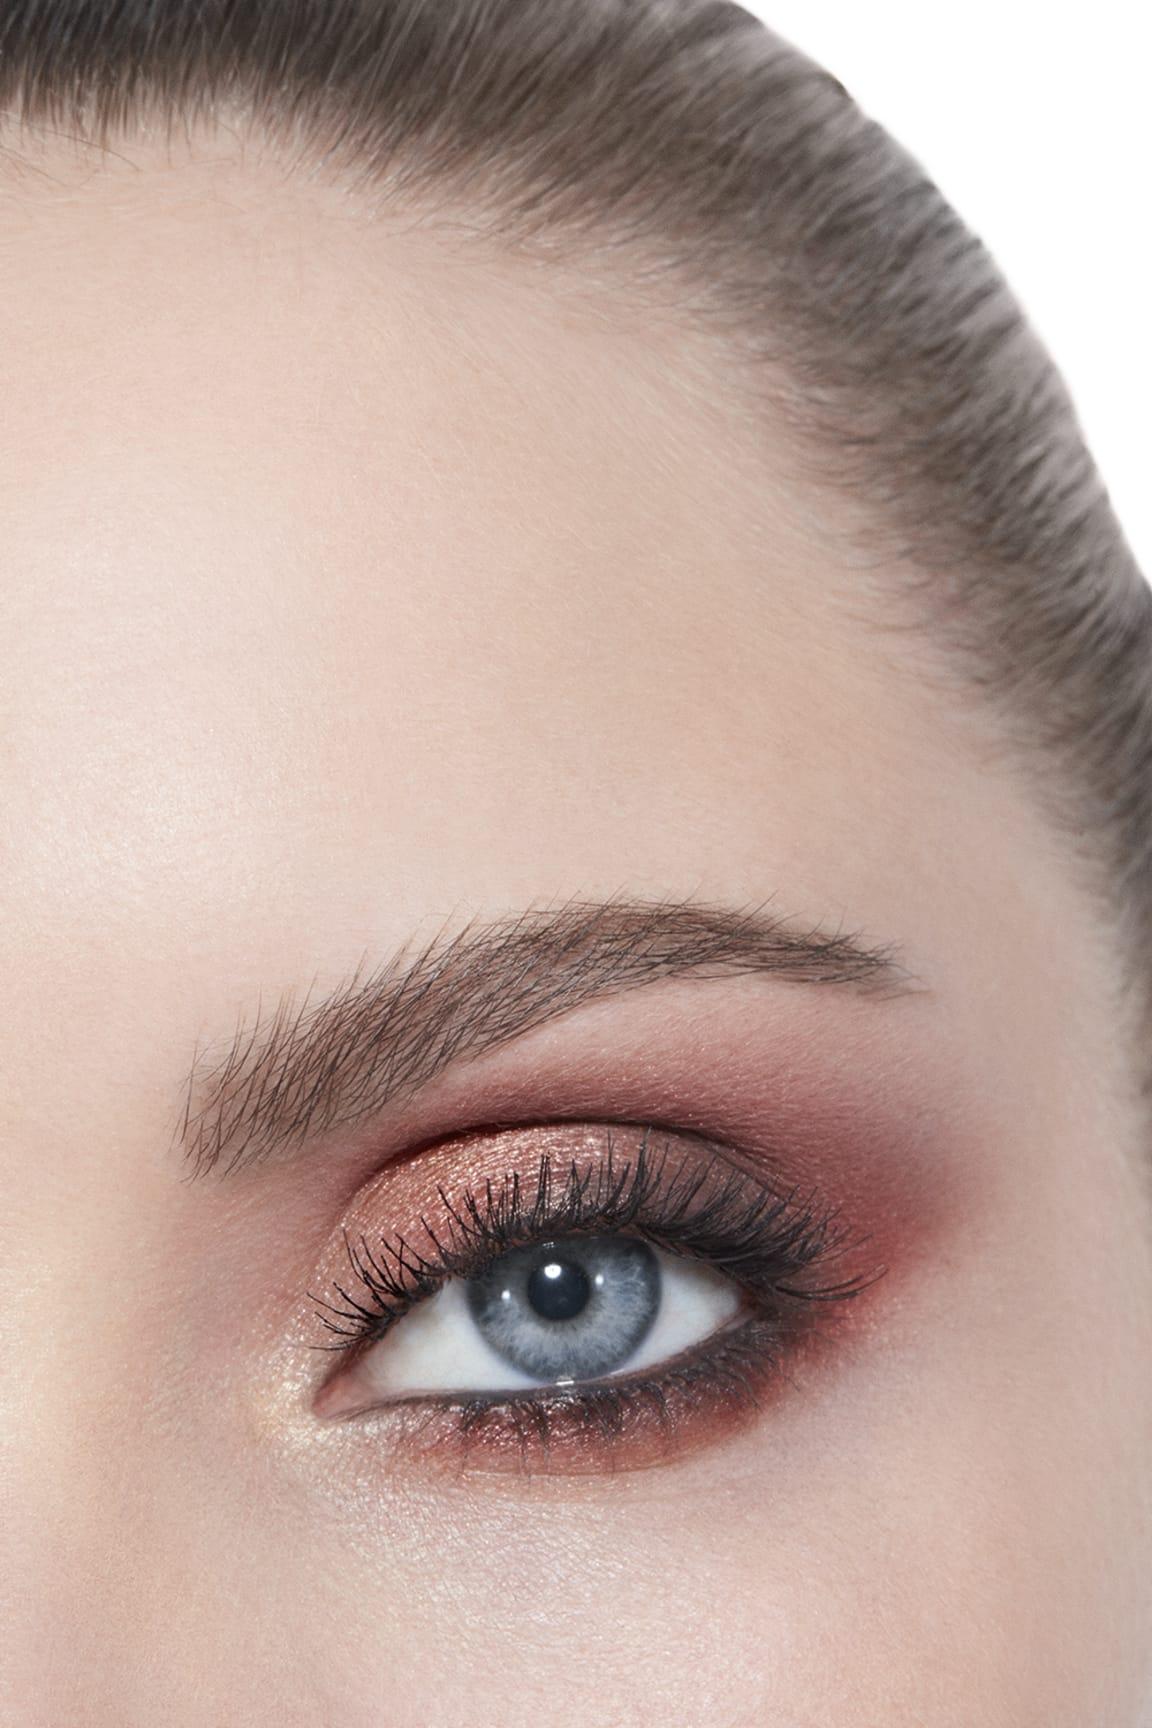 Application makeup visual 3 - ÉCLAT ÉNIGMATIQUE Exclusive Creation. Limited edition. ÉCLAT ÉNIGMATIQUE